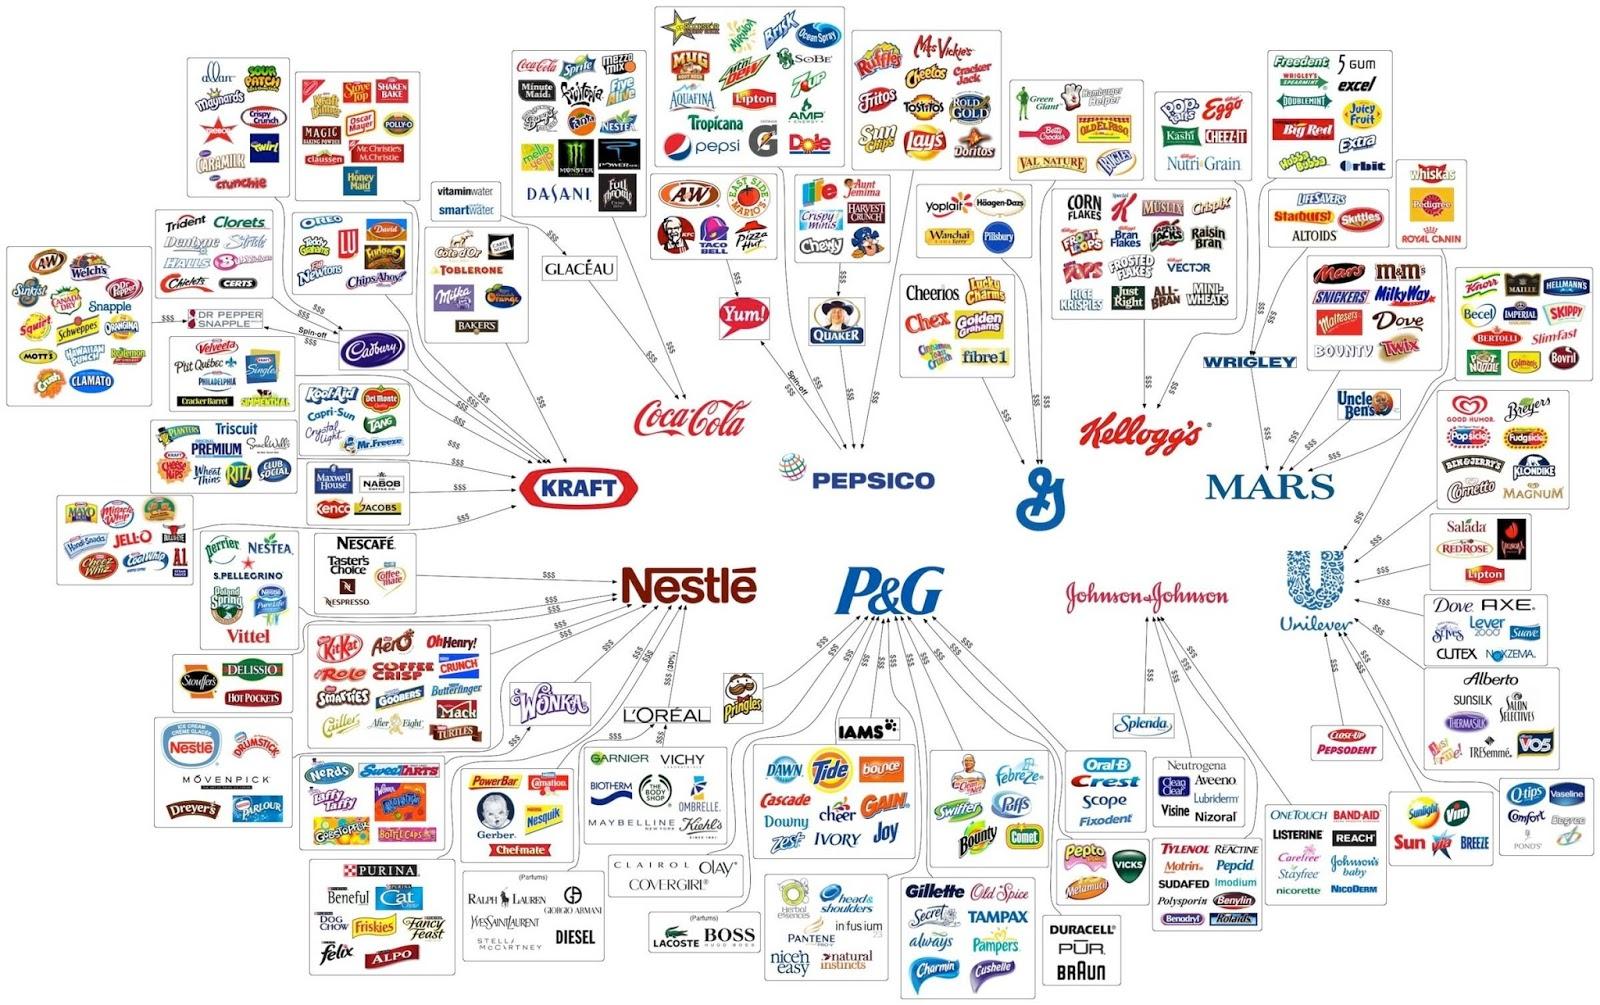 http://images.infomoney.com.br/banners/outros/marcas_04112013.jpg